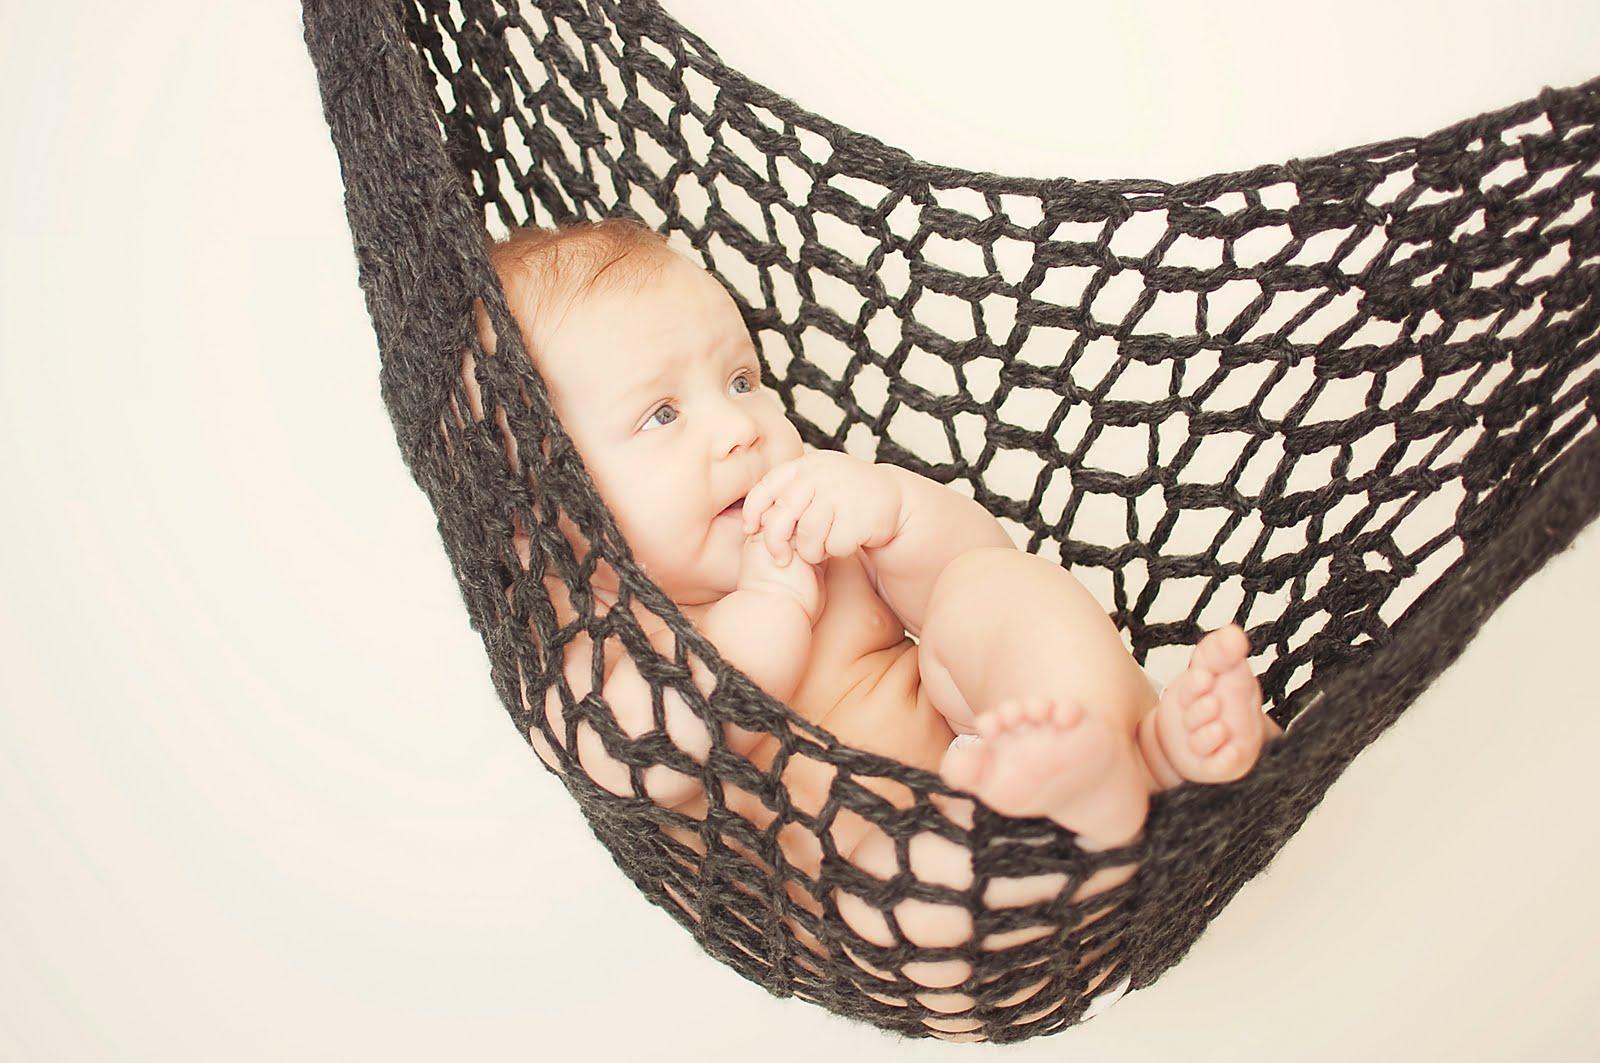 Crochet Pattern For Baby Hammock : CROCHET HAMMOCK PATTERN - Crochet ? Learn How to Crochet